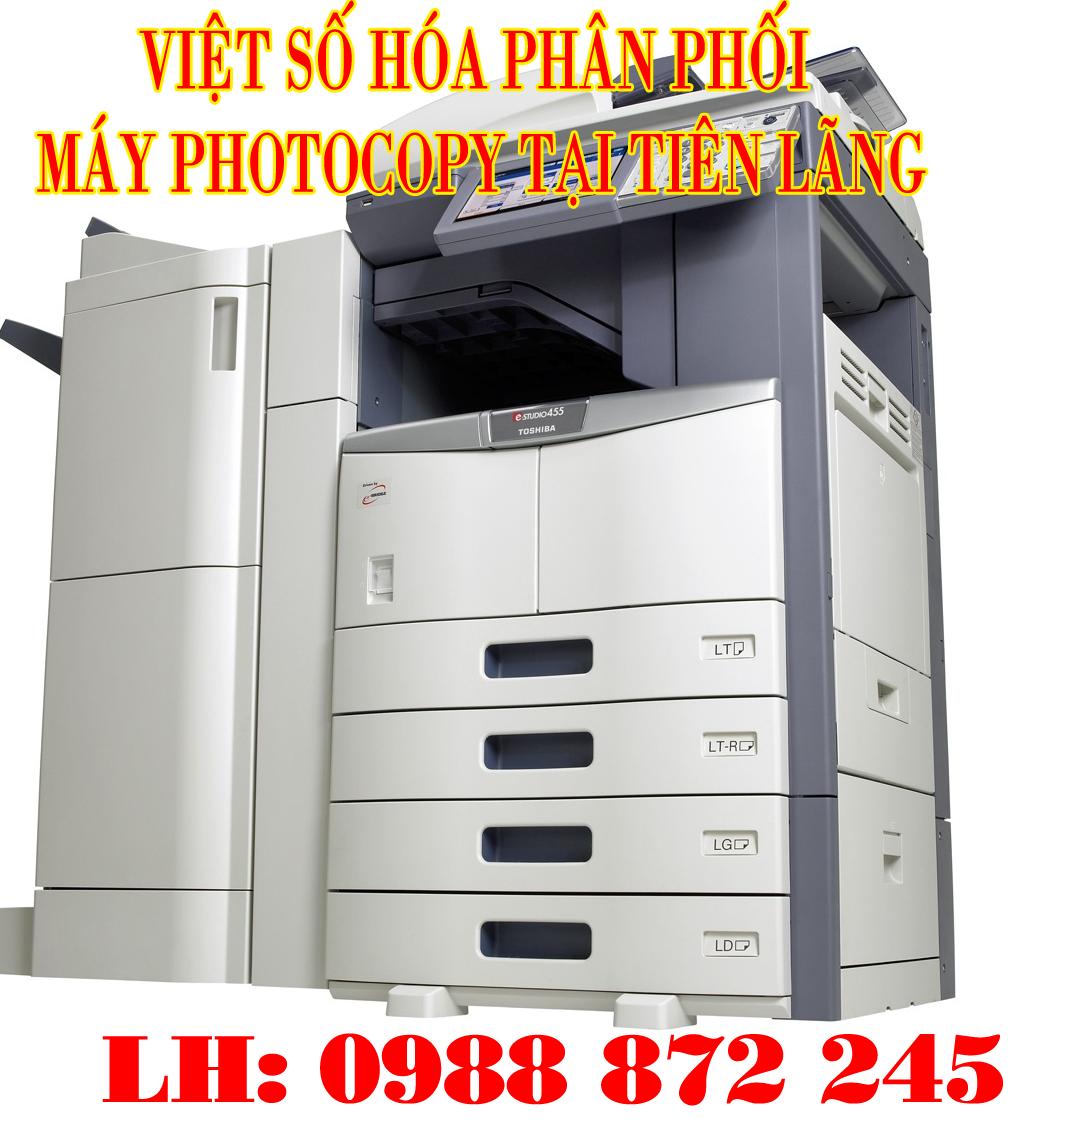 Bán máy Photocopy tại Tiên Lãng